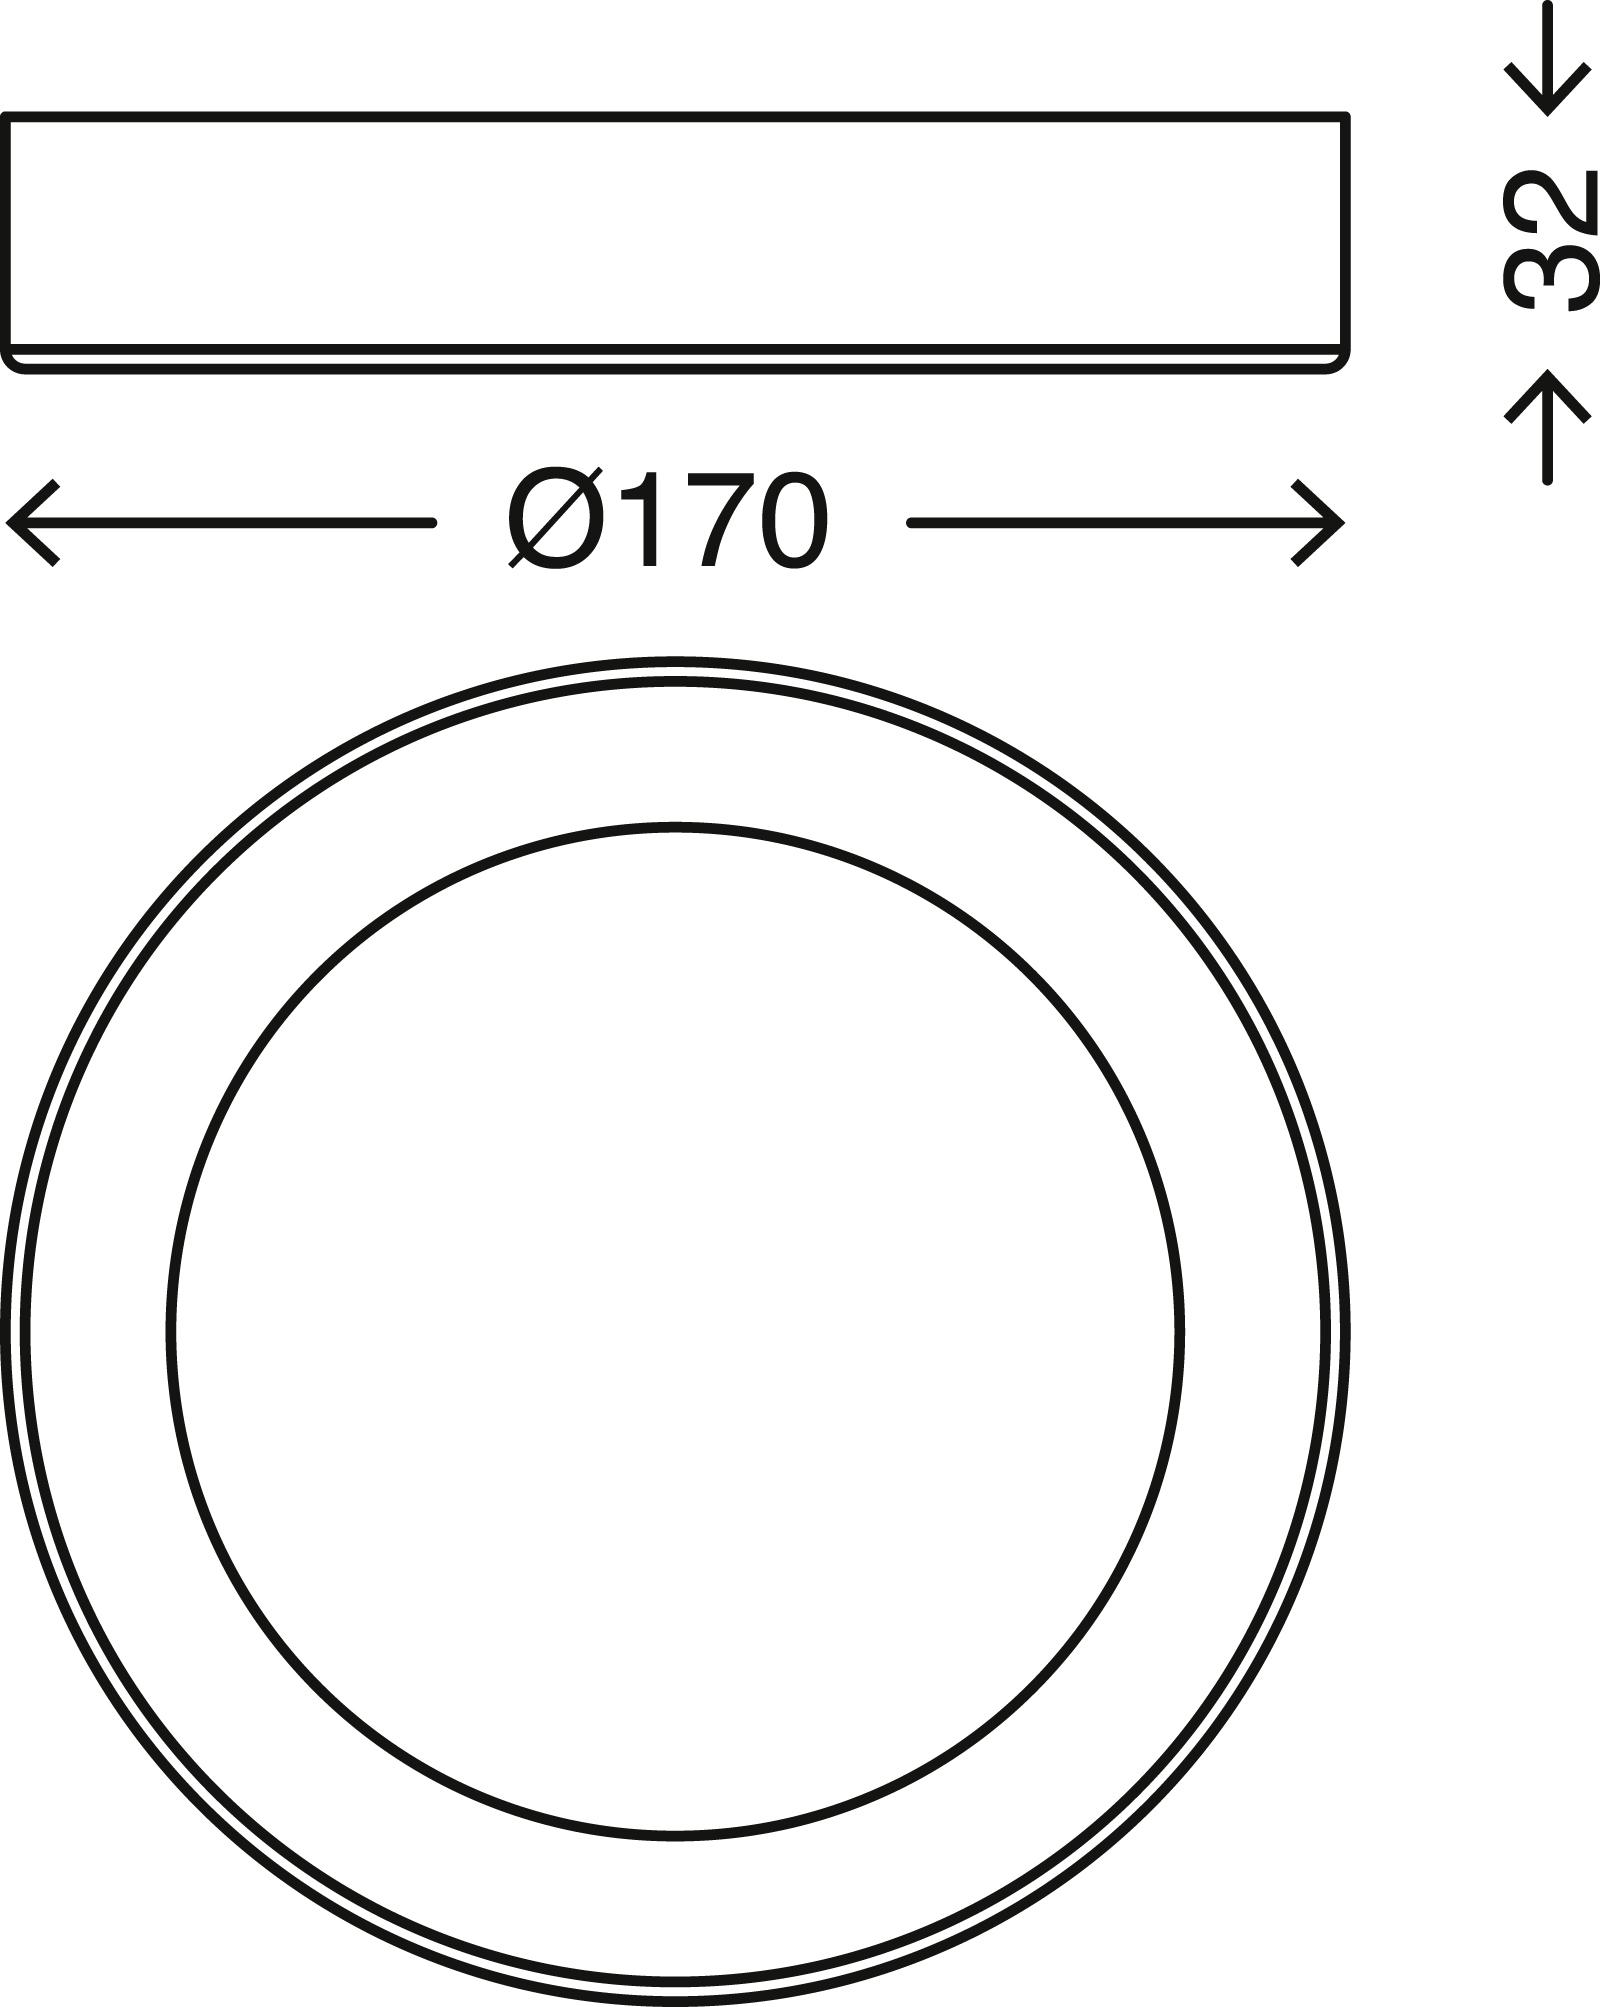 LED Deckenleuchte, Ø 17 cm, 12 W, Weiss